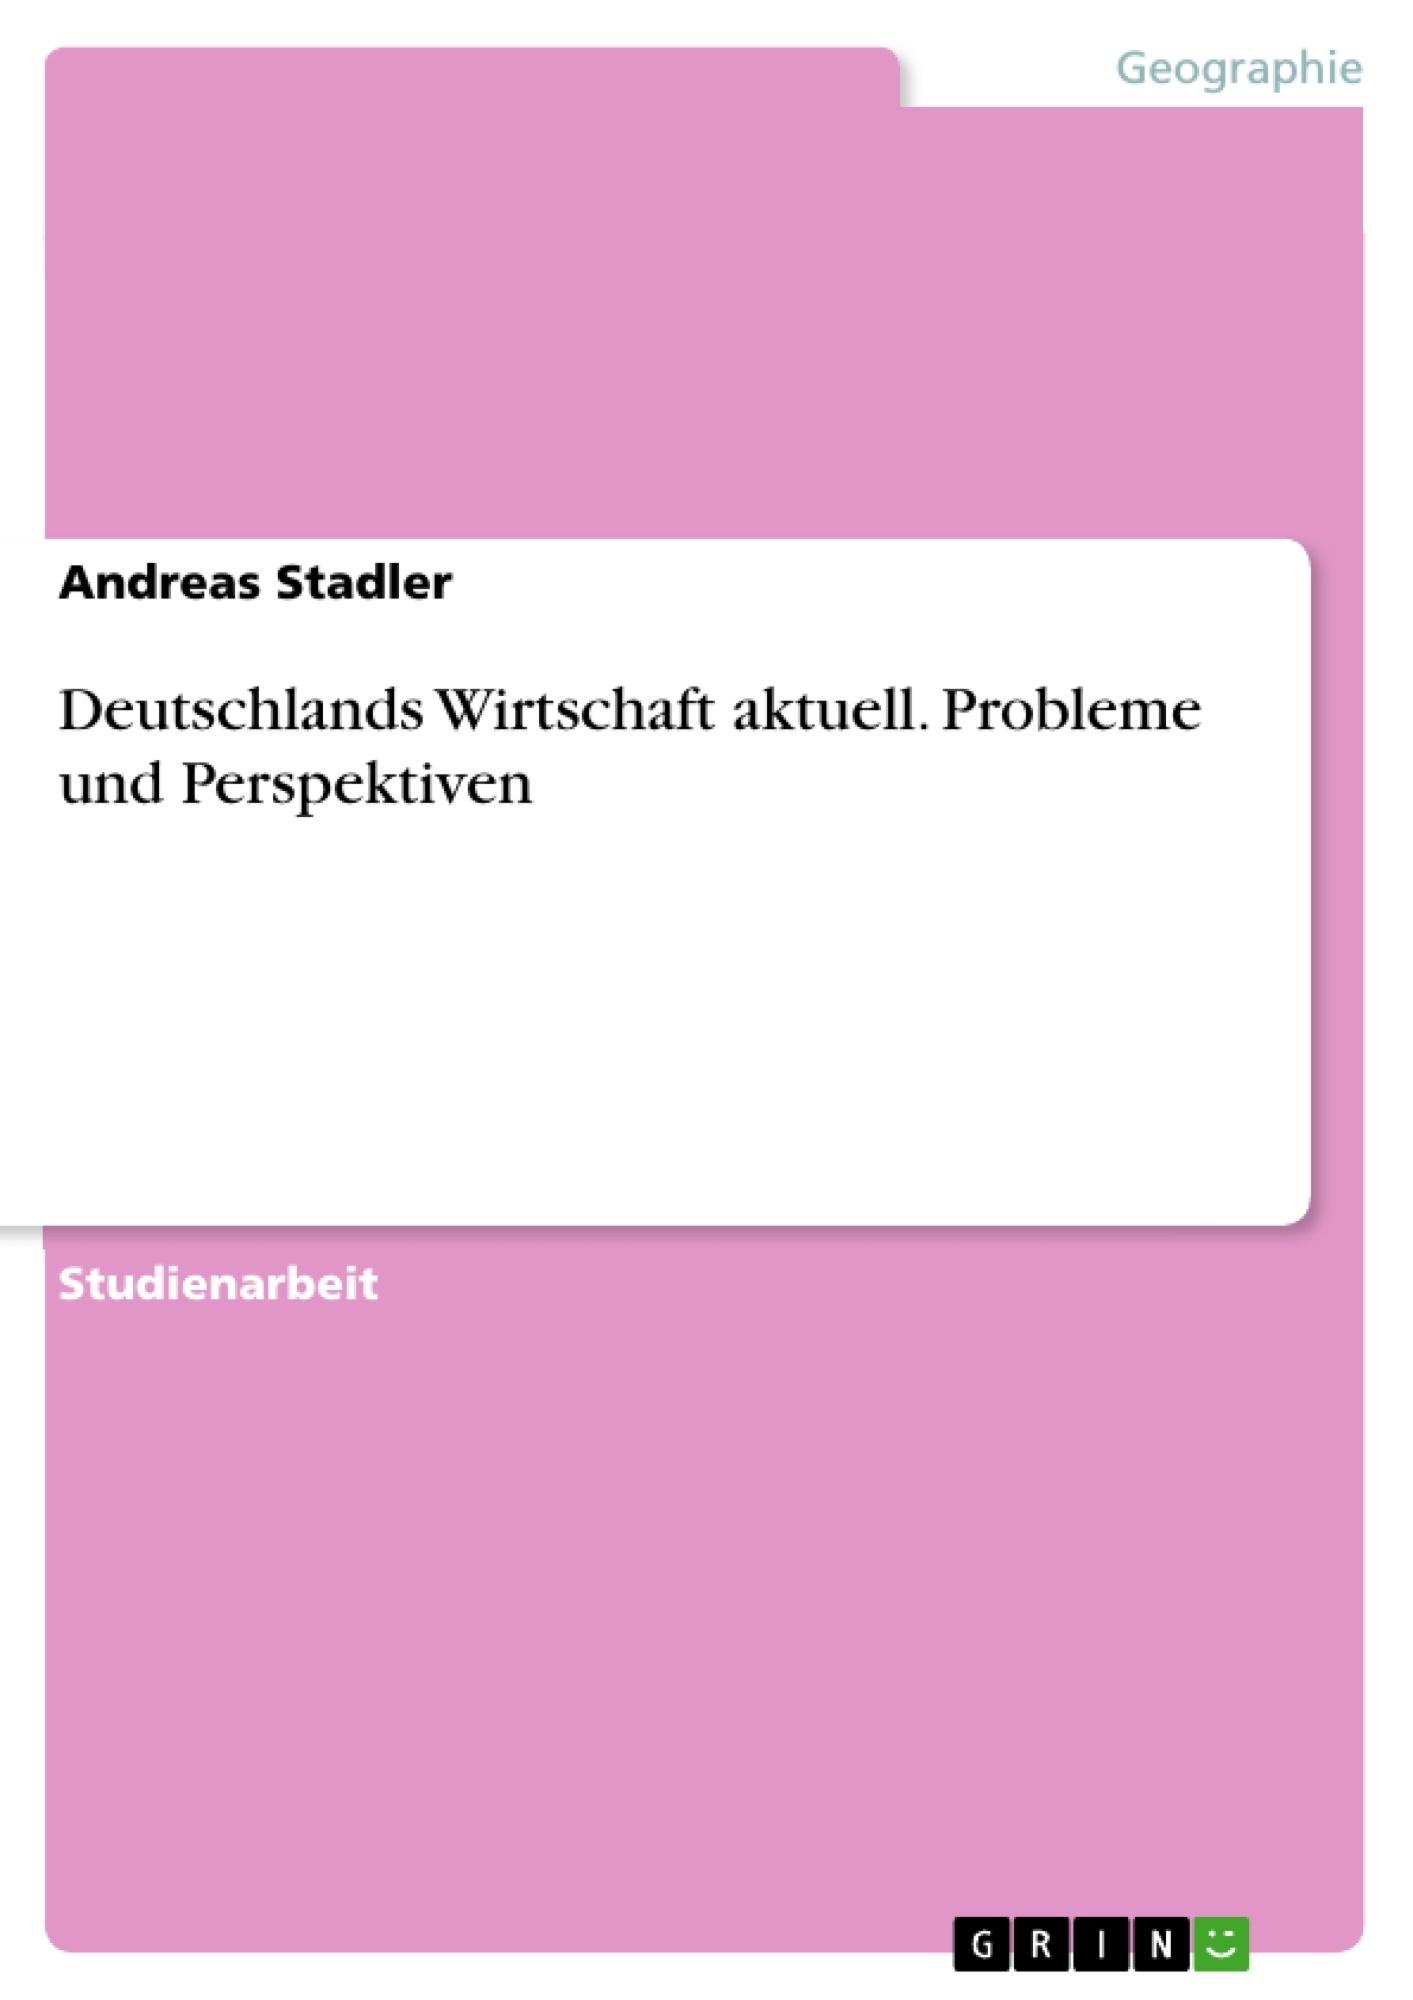 Titel: Deutschlands Wirtschaft aktuell. Probleme und Perspektiven